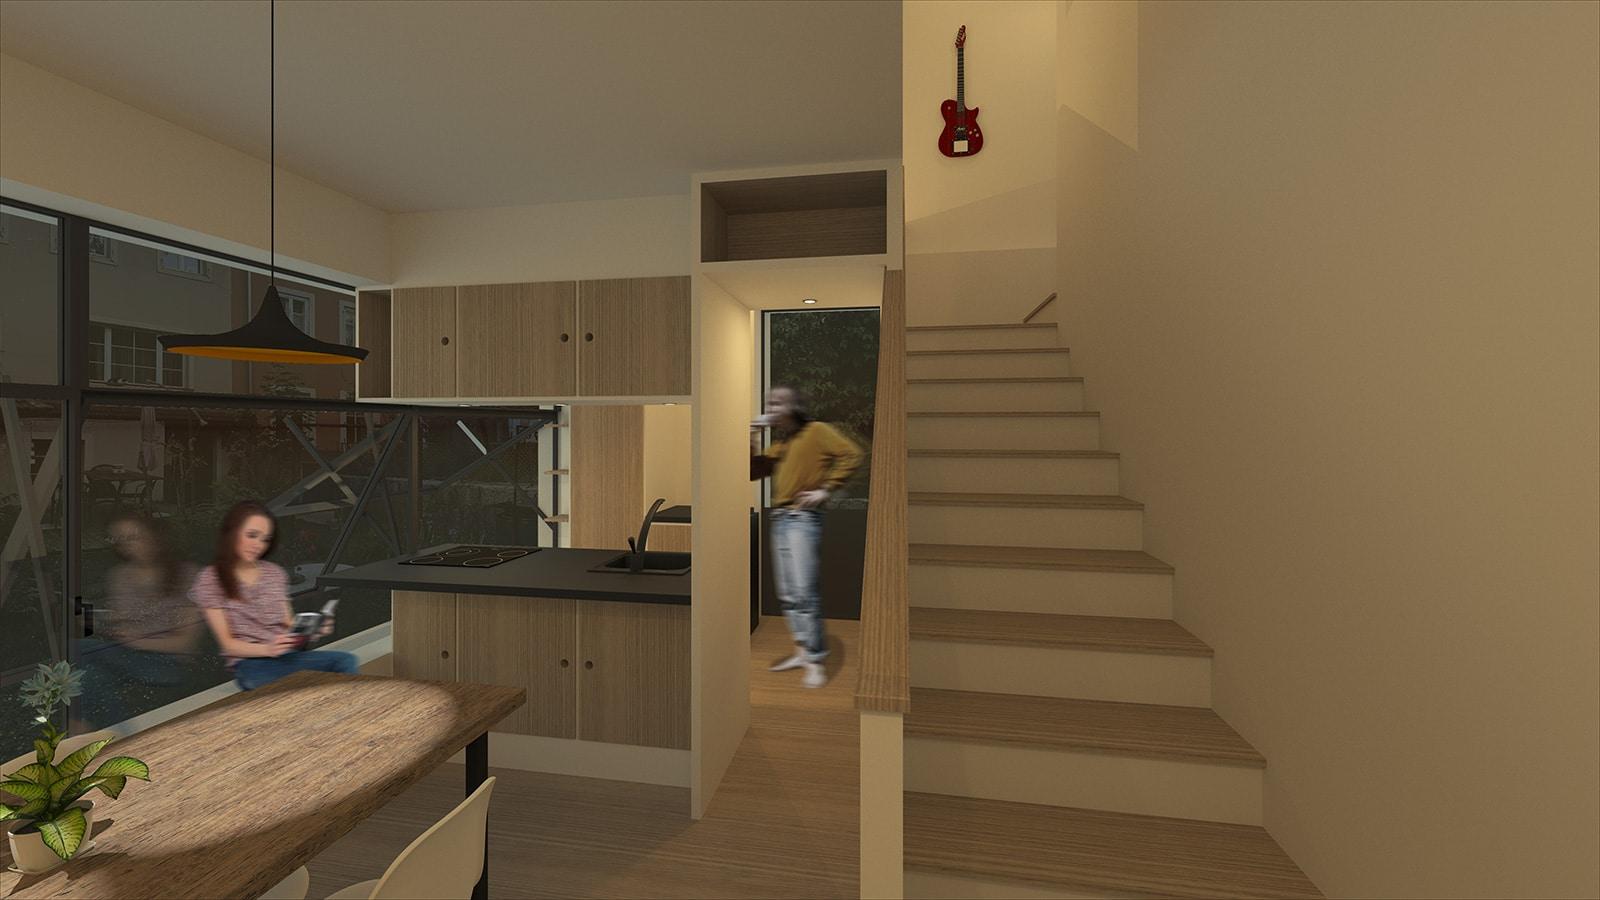 Habitat Minimal – De l'atelier et vieux grenier à la tiny house, La Chaux-de-Fonds – Salle à manger